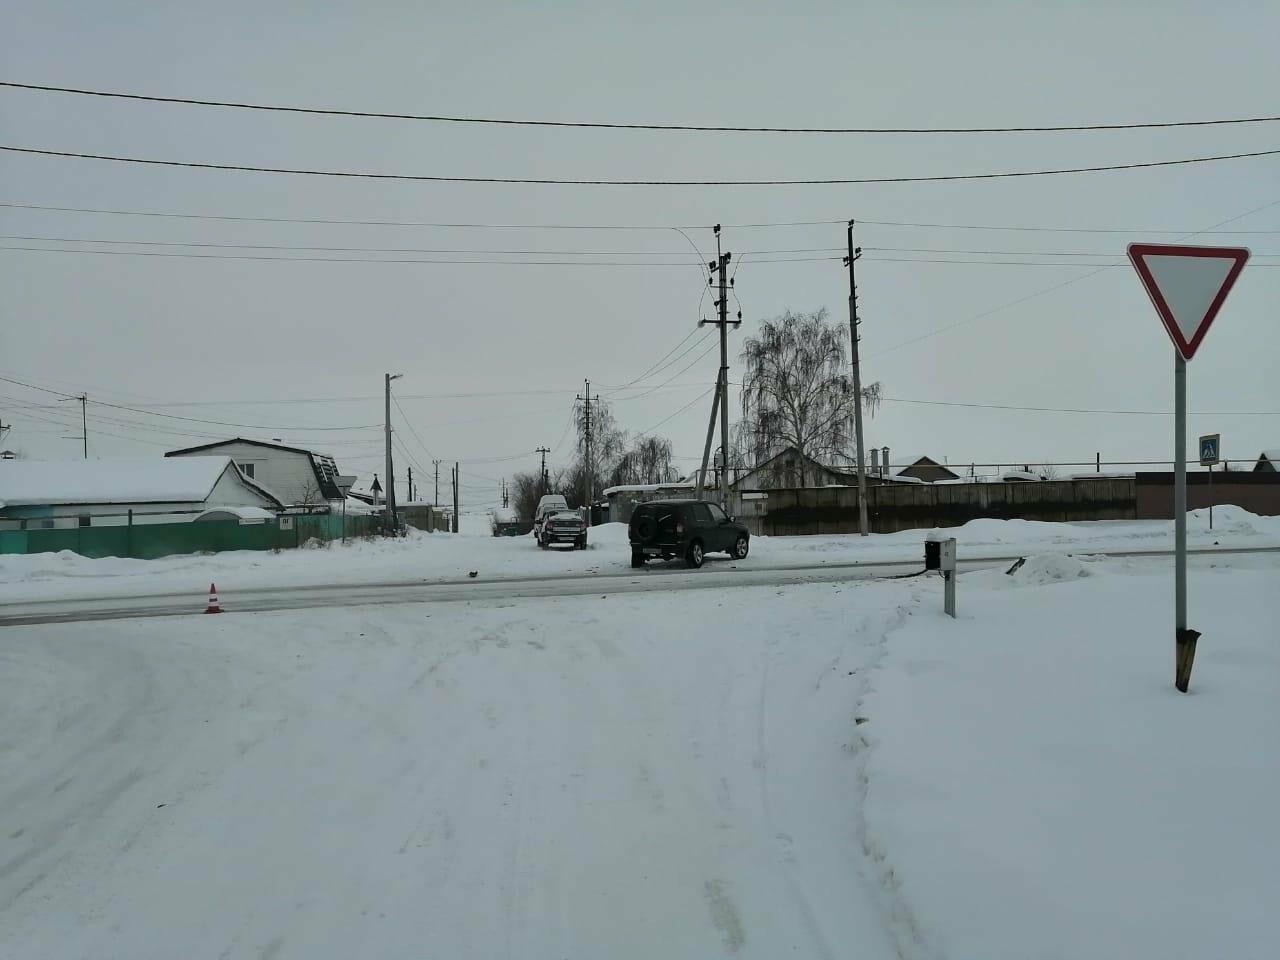 Пожилые жители Магнитогорска пострадали в ДТП с участием иномарки, фото-1